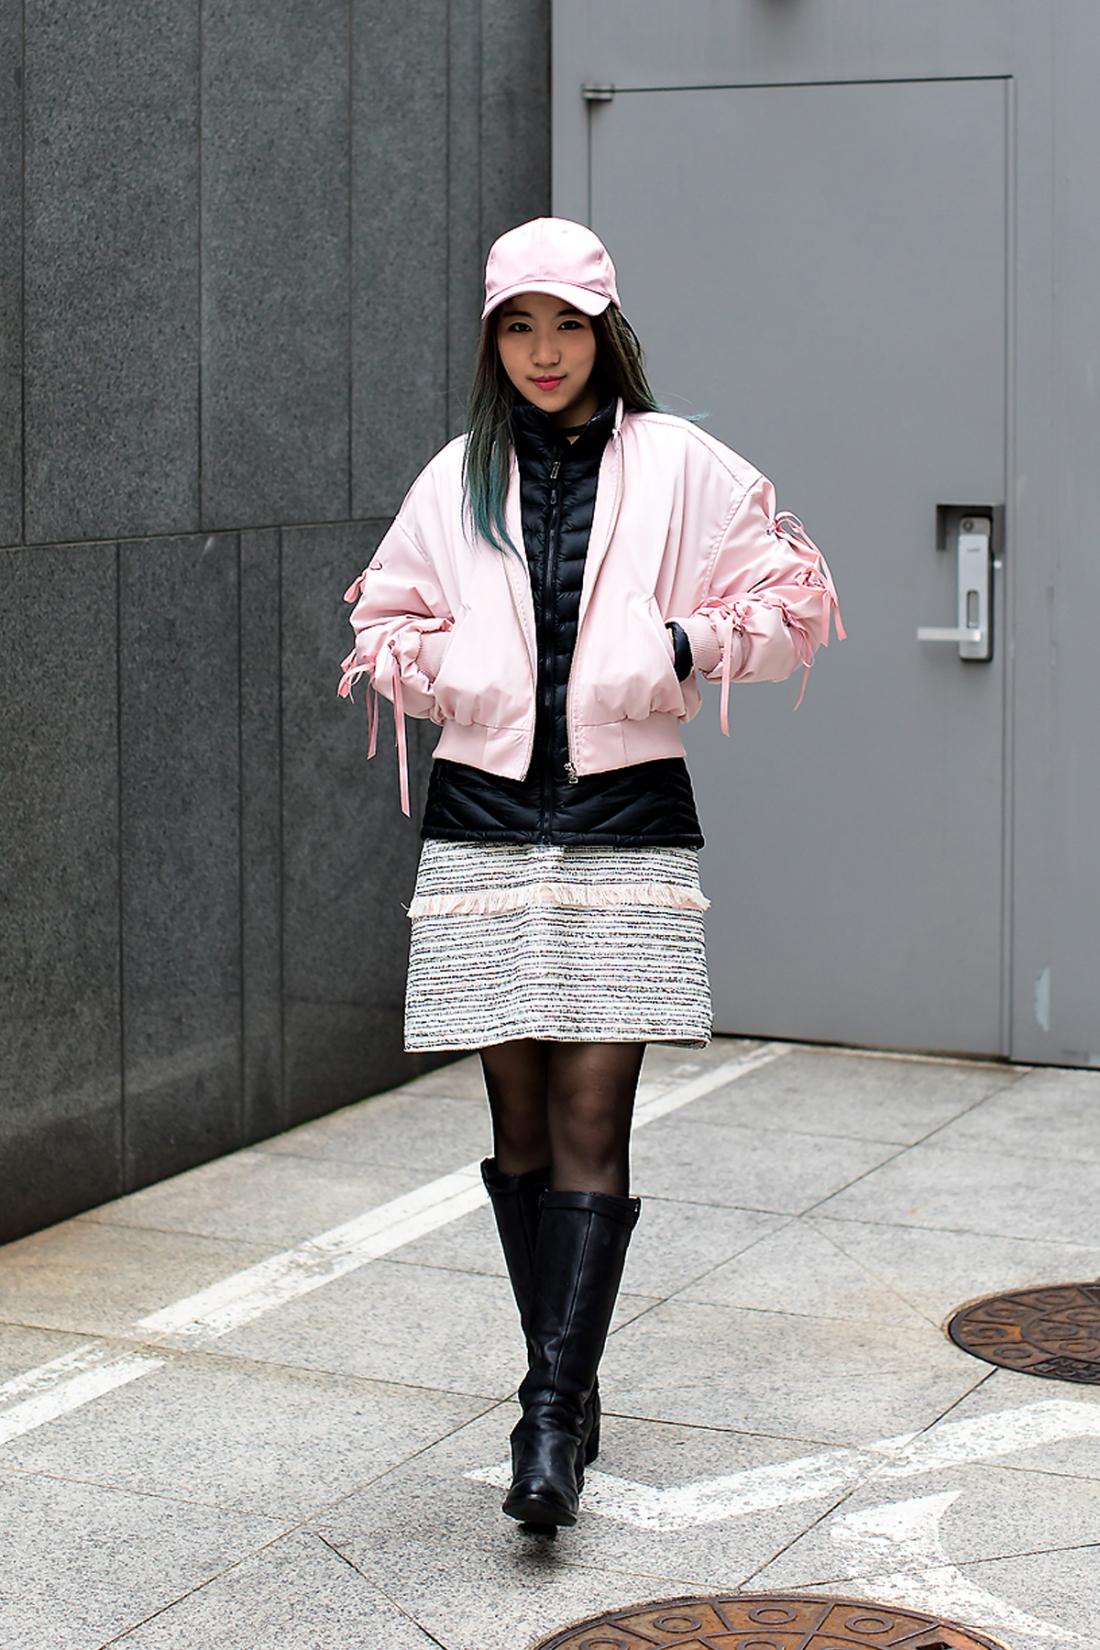 Panchita, Street Fashion 2017 in SEOUL.jpg